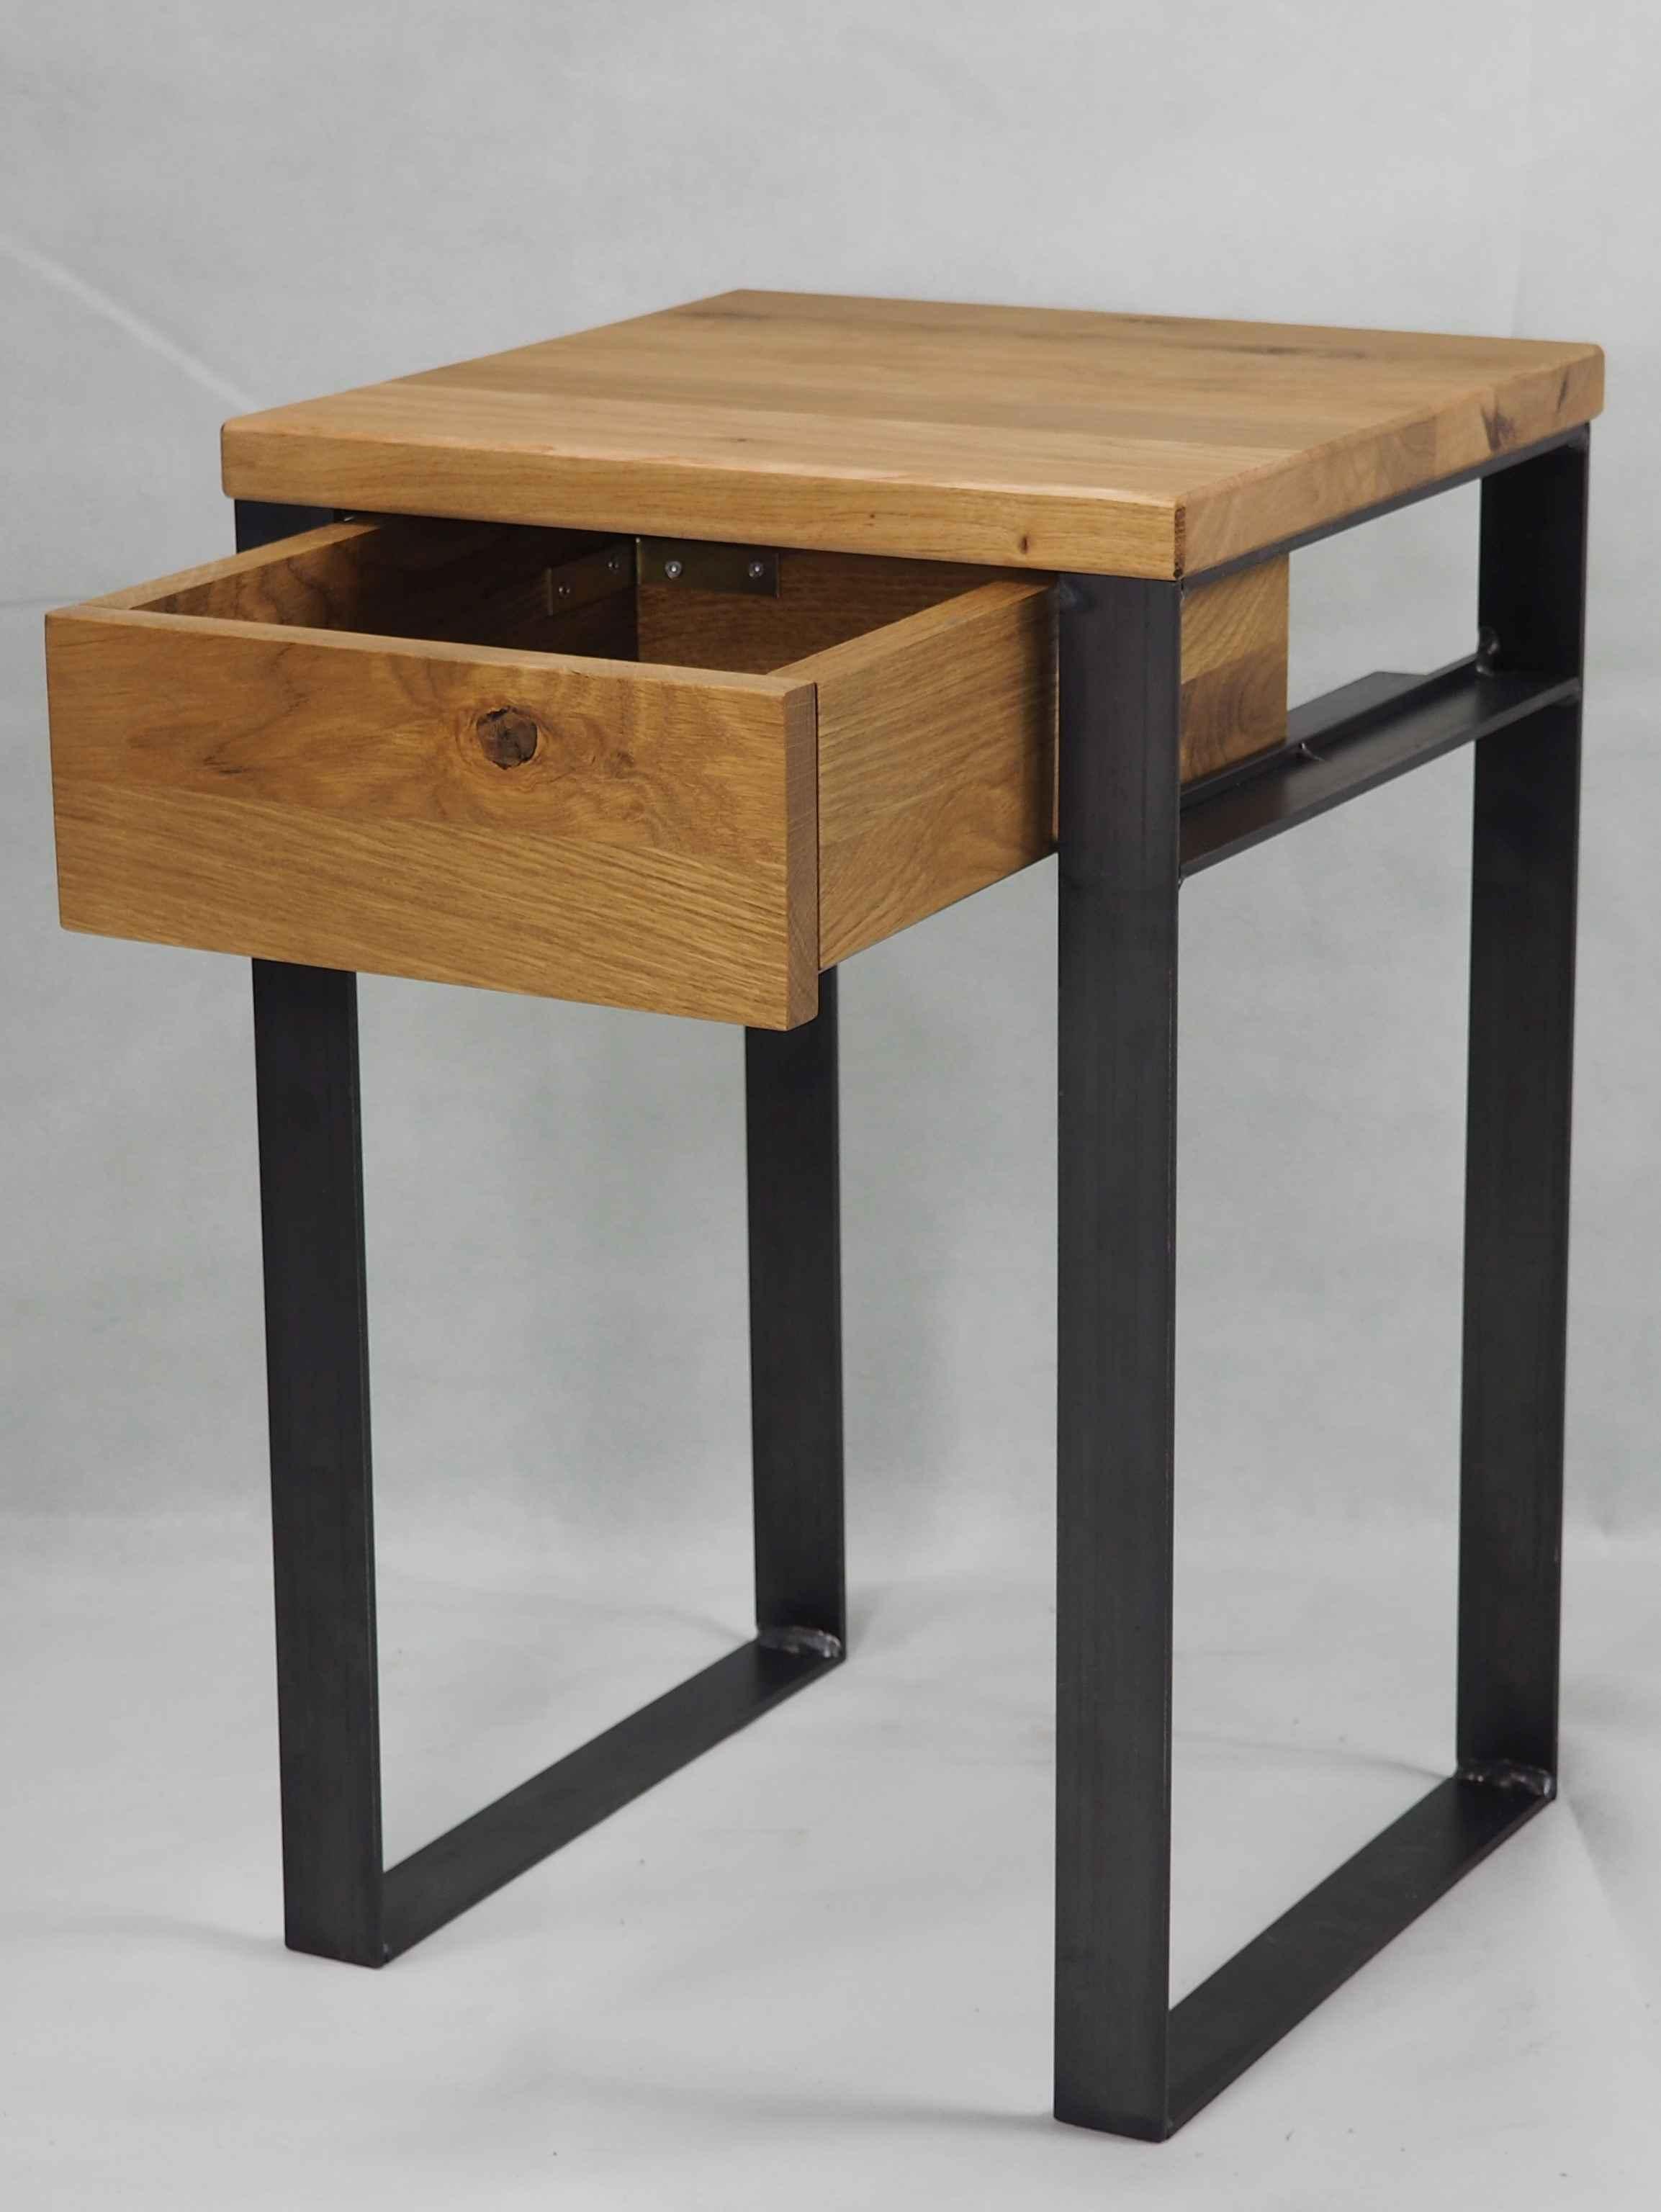 nachttisch 30x30 medium size of nachttisch rot lack. Black Bedroom Furniture Sets. Home Design Ideas